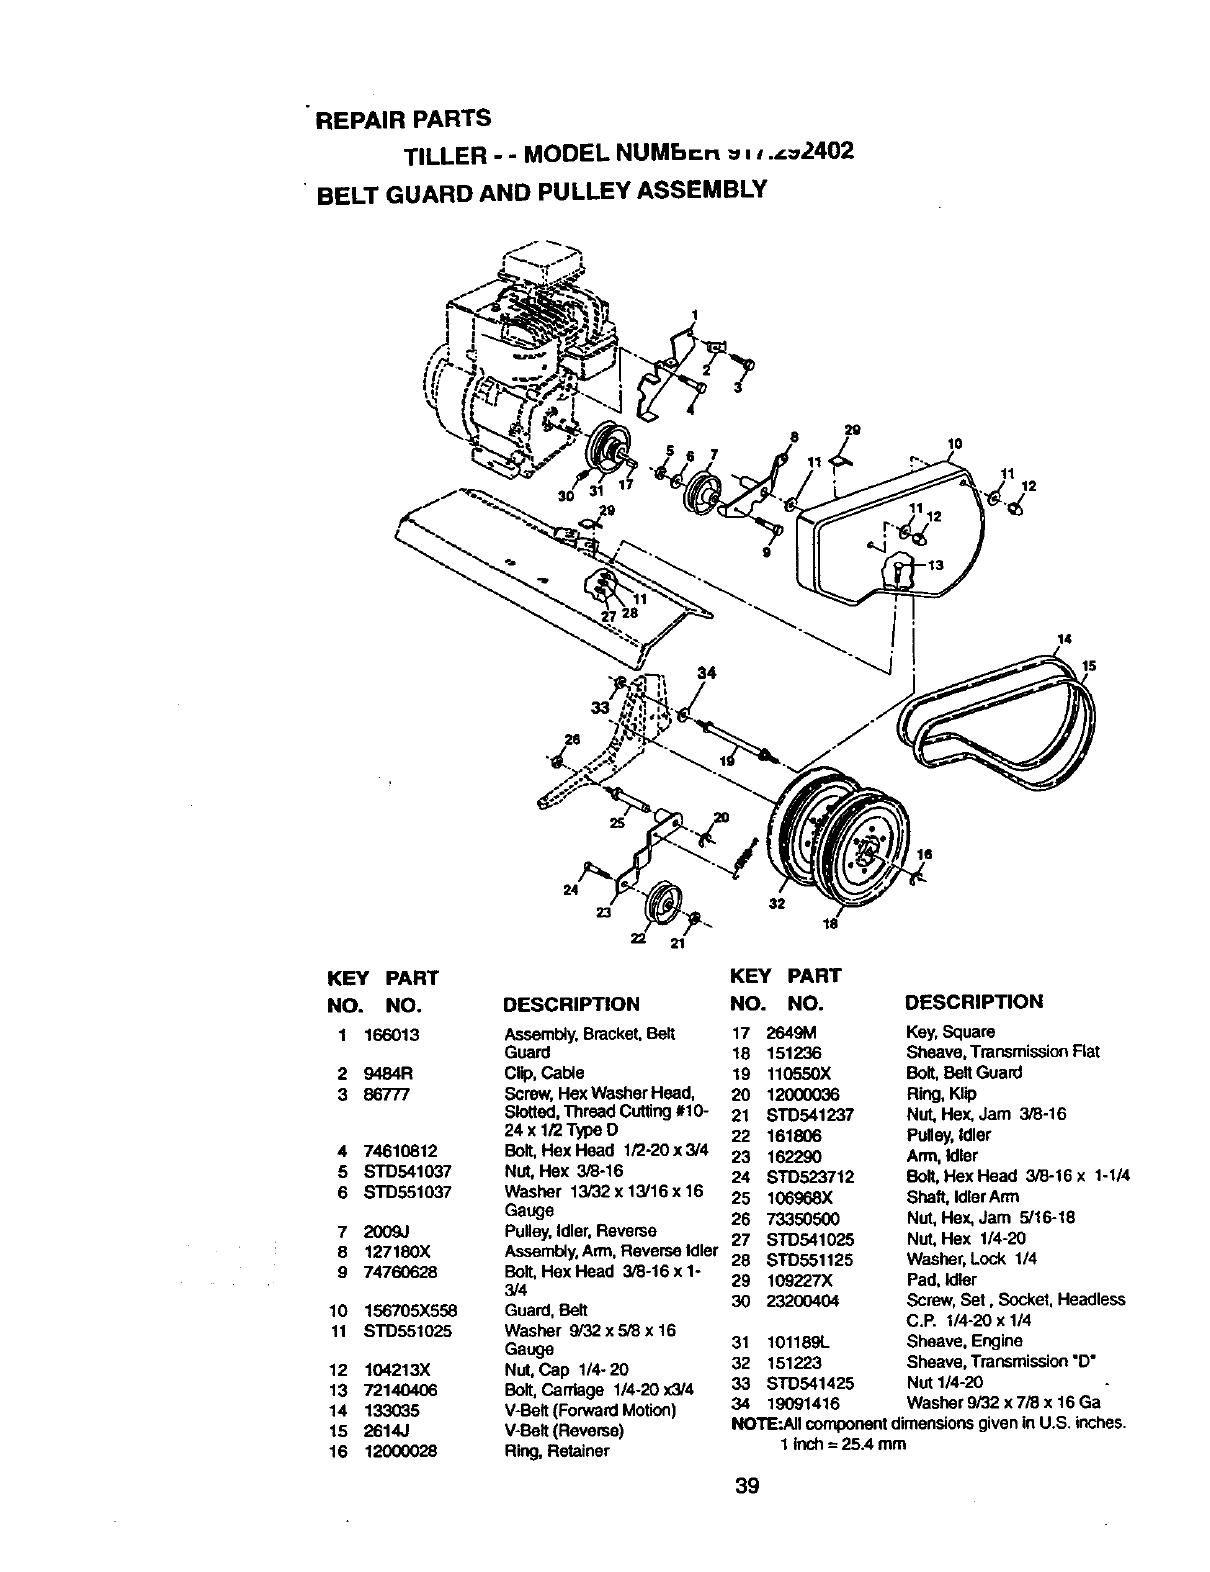 Page 20 of Craftsman Tiller 917.292402 User Guide